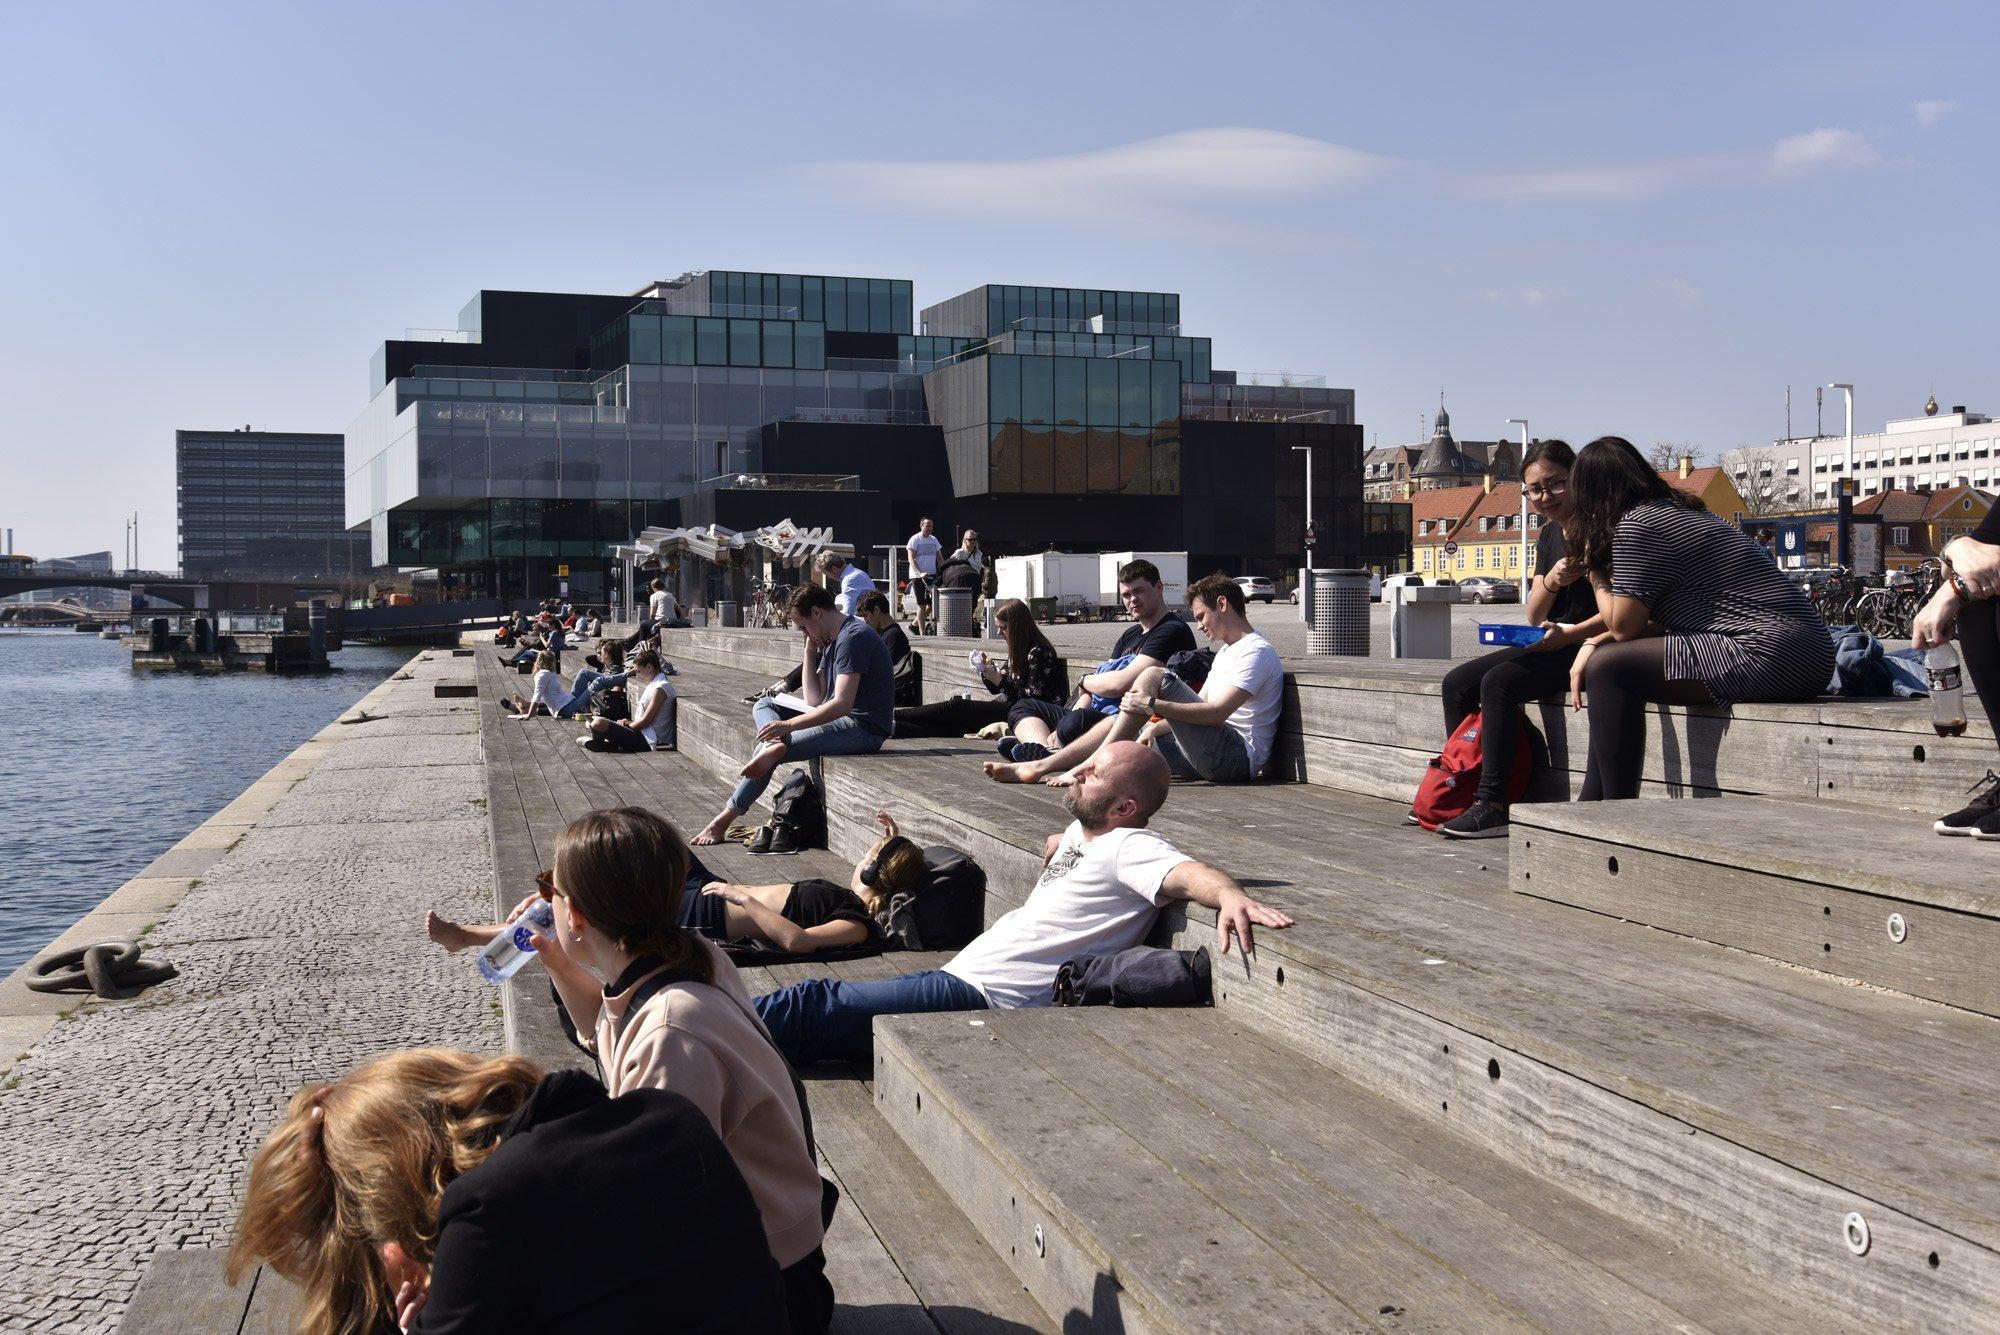 Blox - Danish Architecture Center Photograph by Delfino Sisto Legnani and Marco Cappelletti, Courtesy of OMA